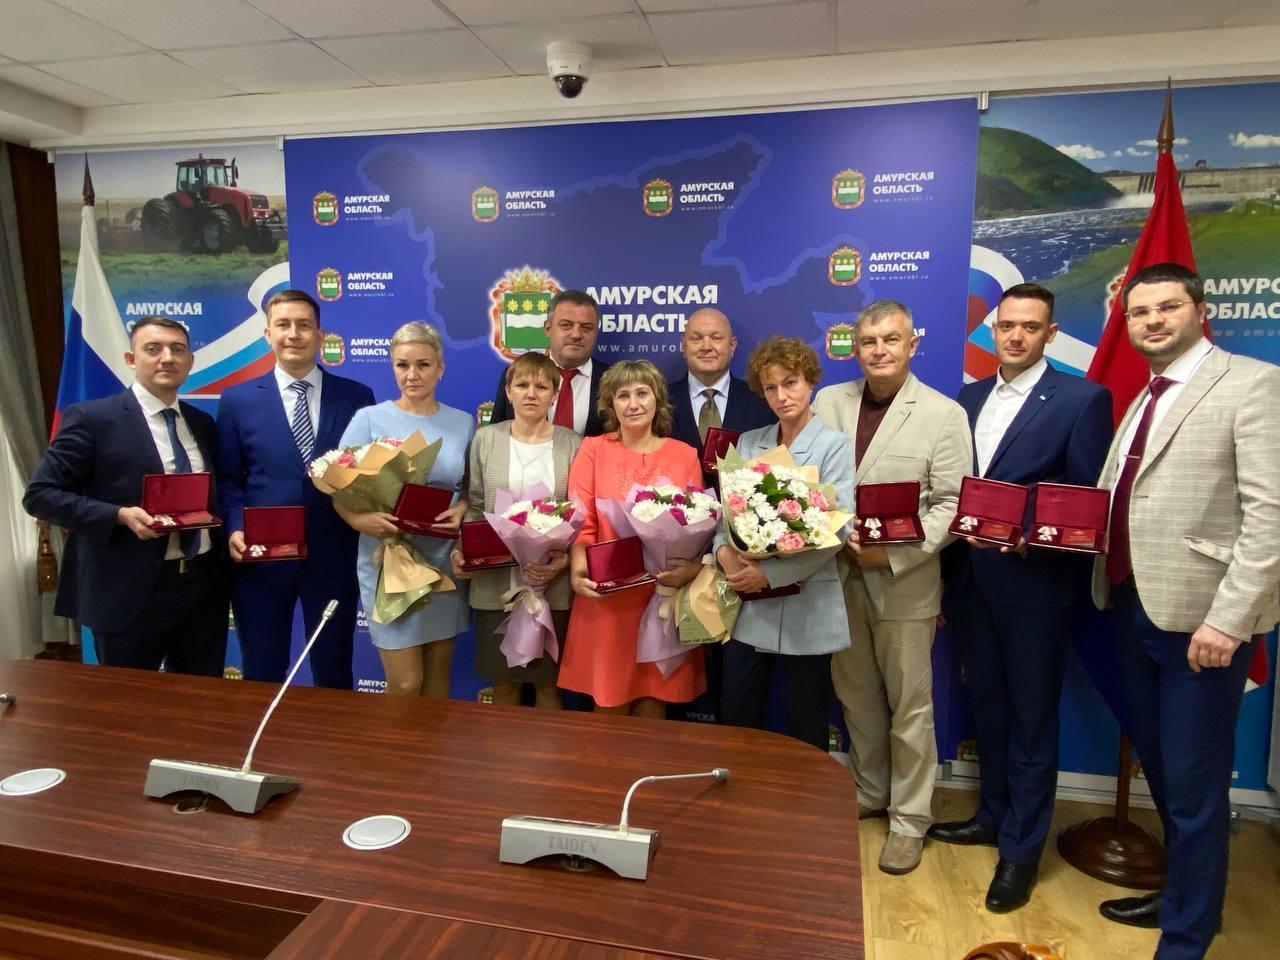 Врачи и медсёстры награждены губернатором